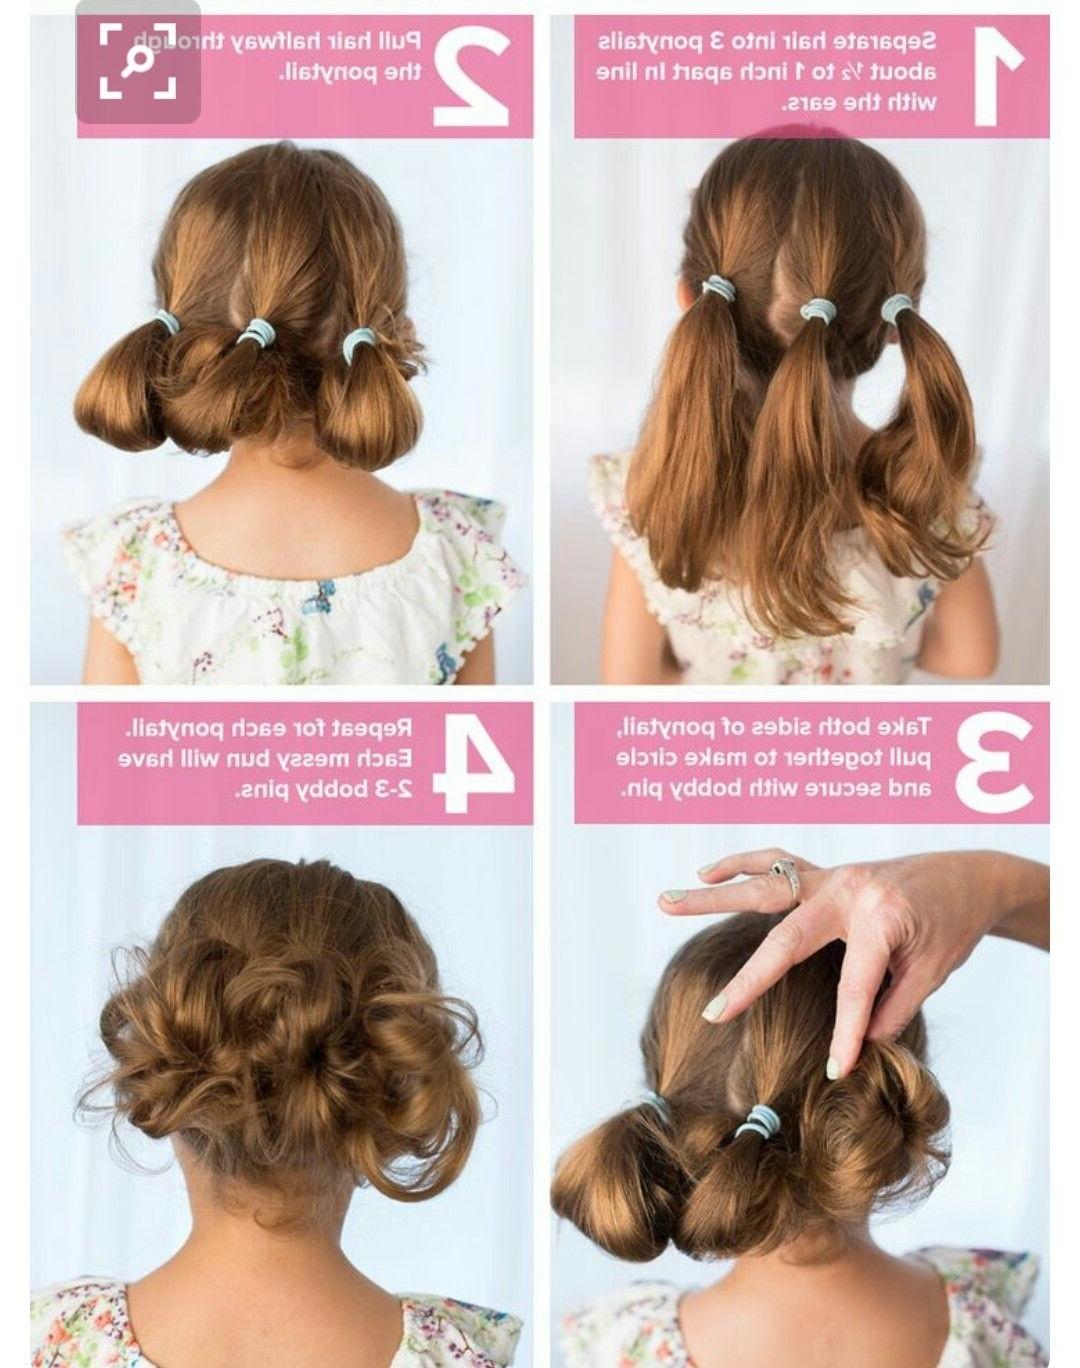 Strange Little Buns | Strange Flowers | Pinterest | Hair Style, Girl Inside Easy Updo Hairstyles For Short Hair (View 14 of 15)